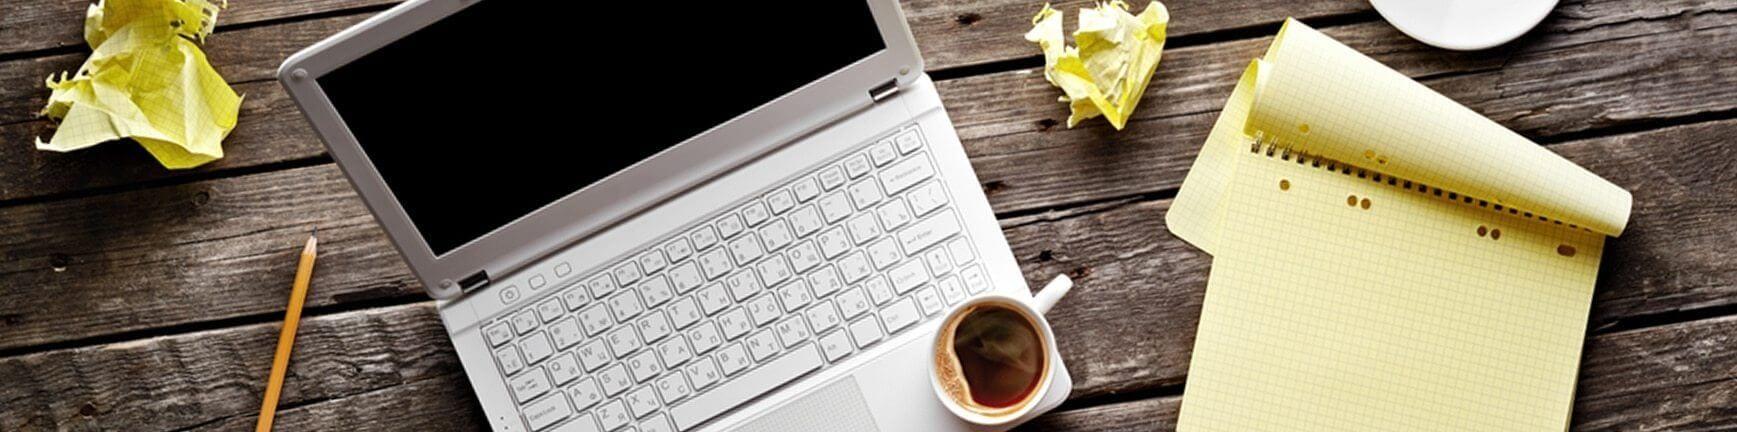 כתיבת תוכן לאתרי אינטרנט